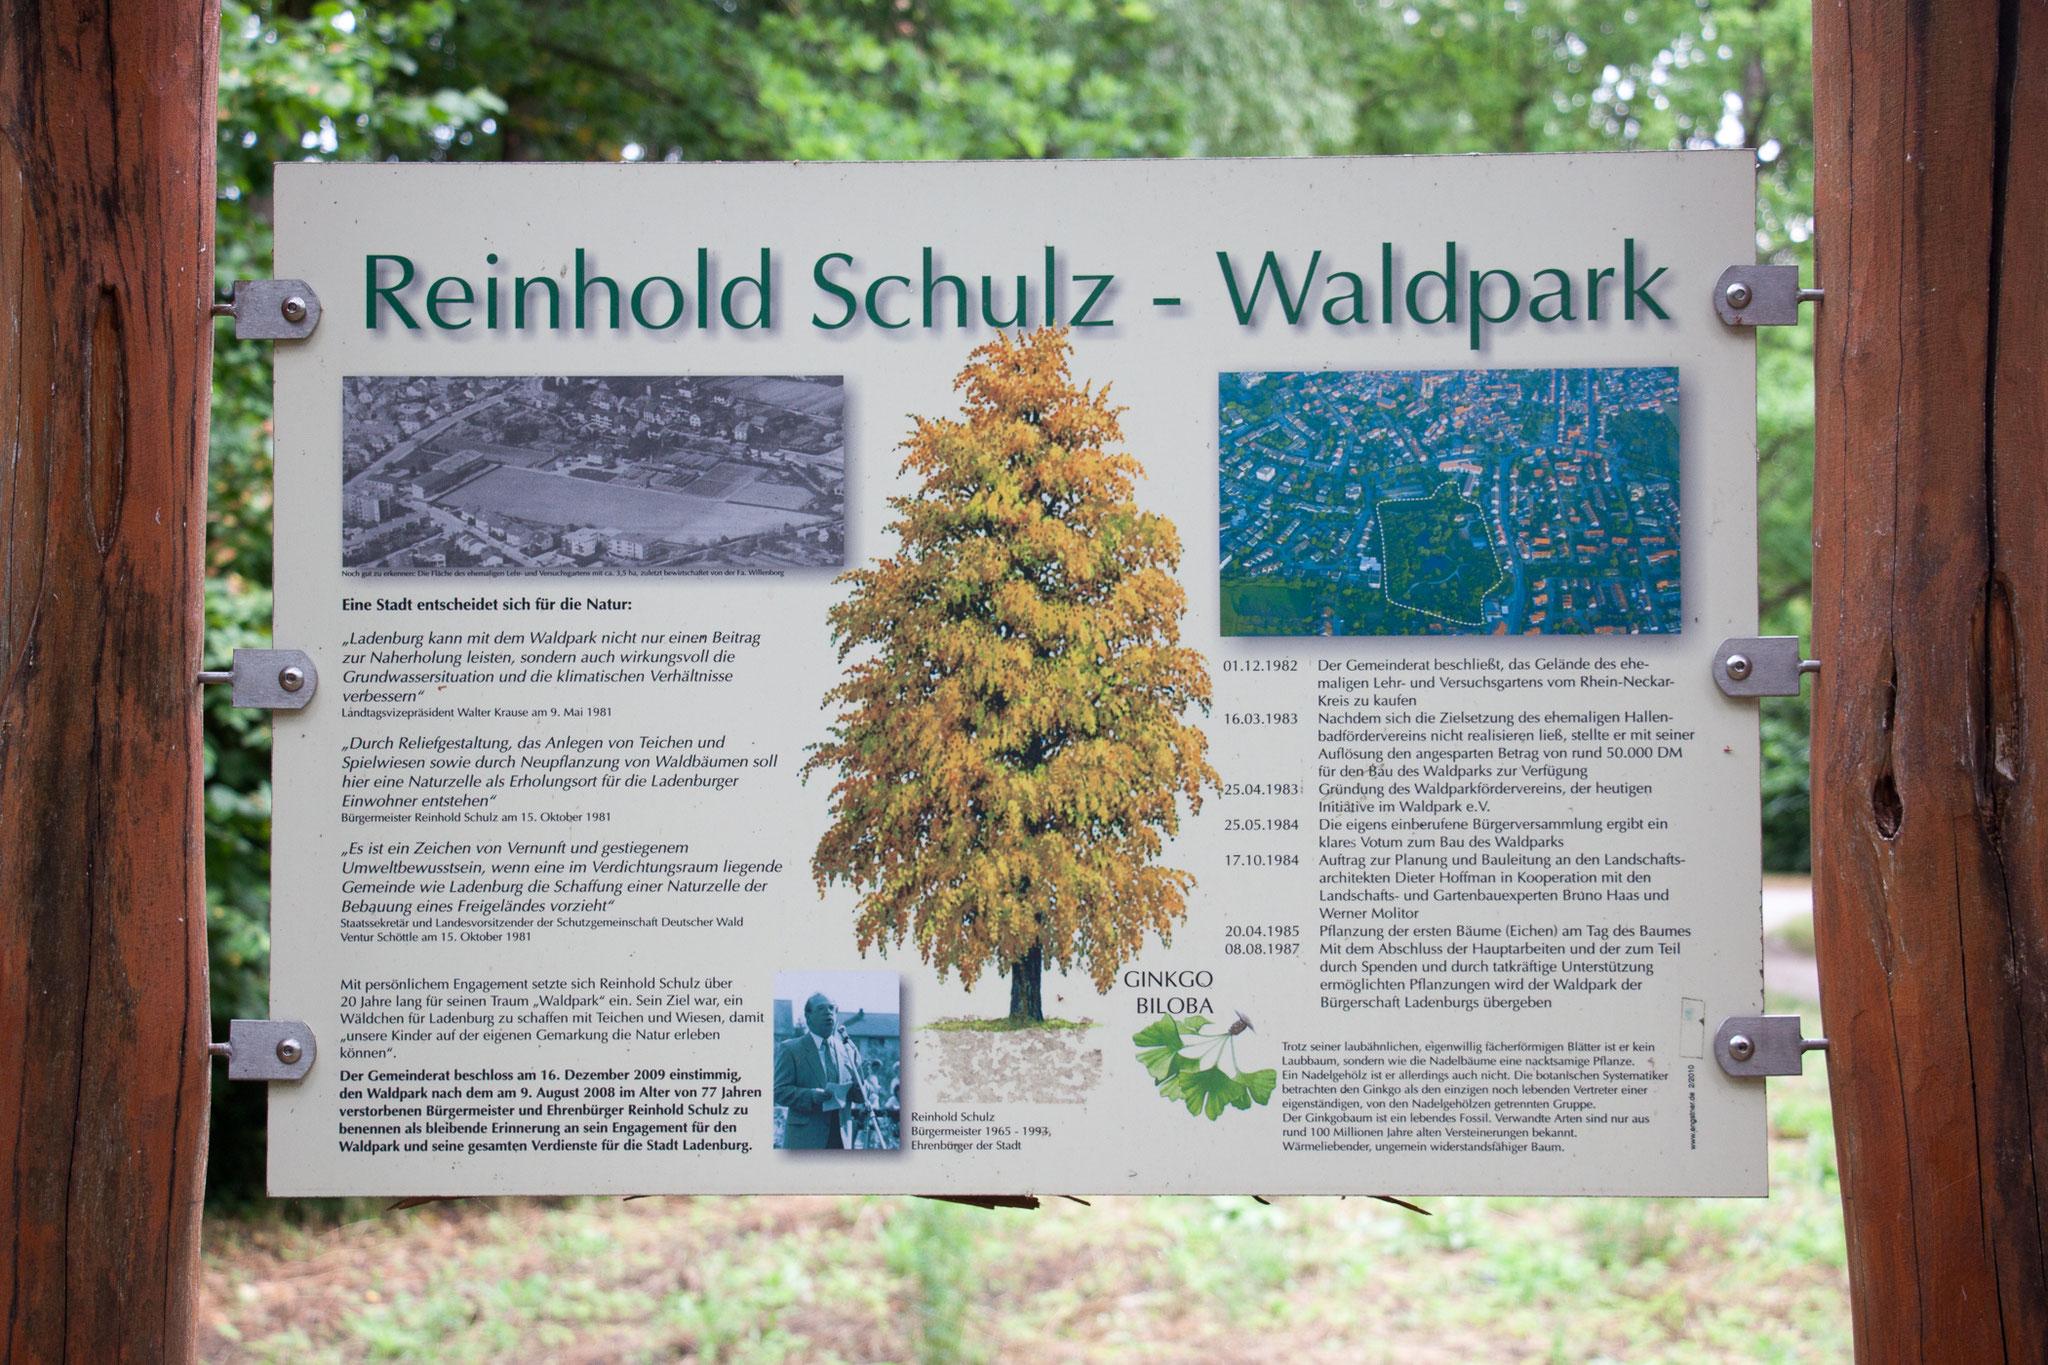 Reinhold Schulz-Waldpark in Ladenburg